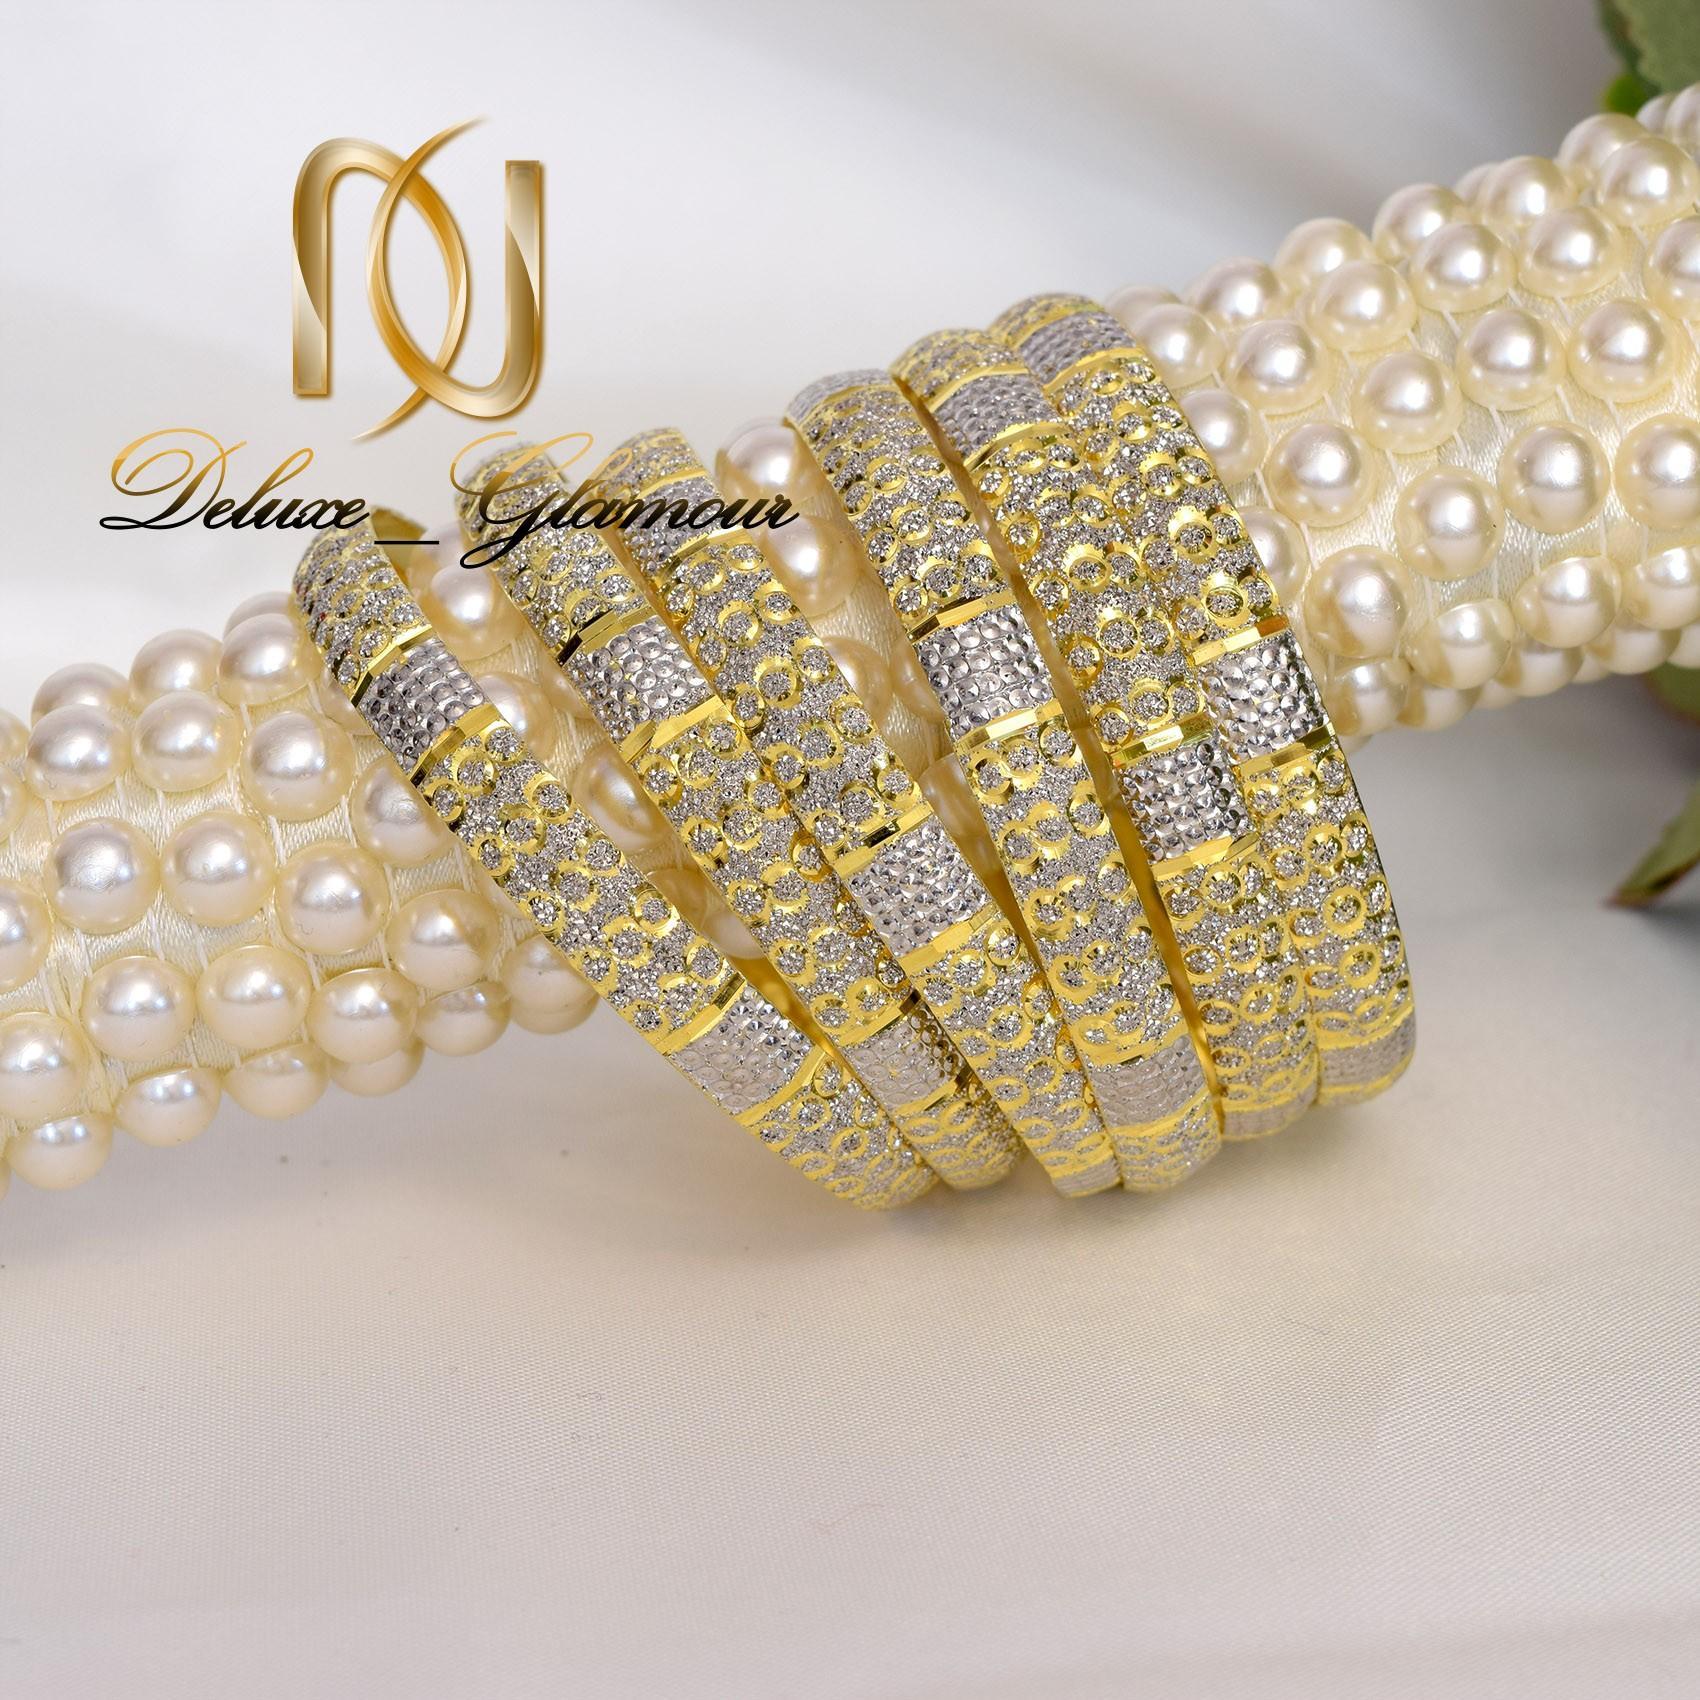 النگو نقره تراش طرح طلا al-n113 از نماي روبرو